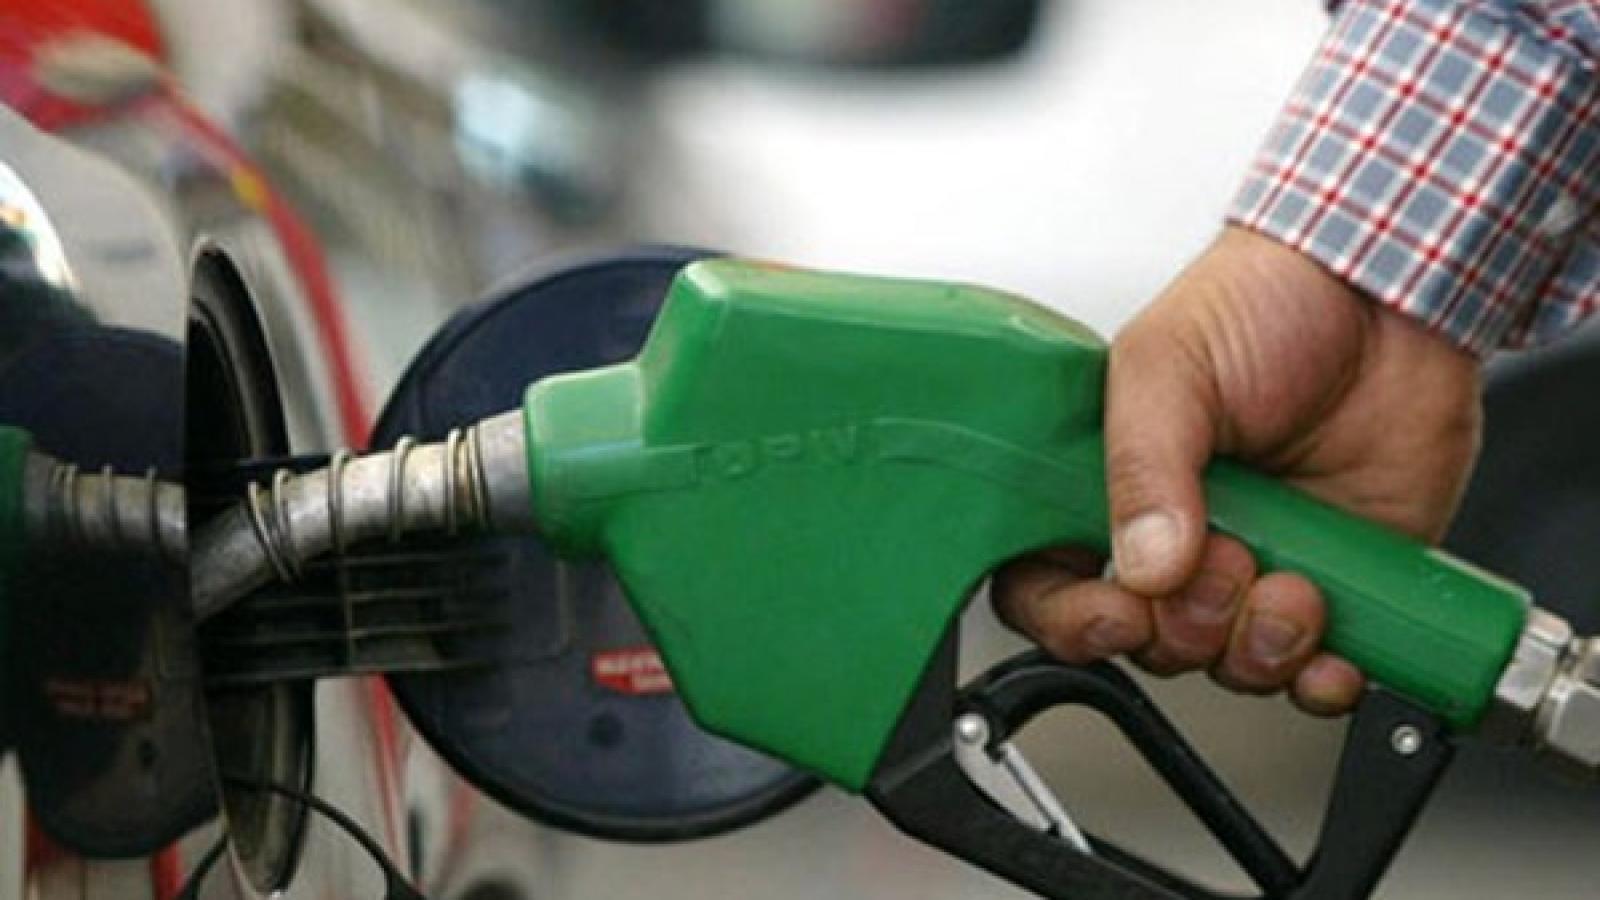 رشد 8 درصدی مصرف بنزین در بوشهر - اجاره خودرو طباطبایی